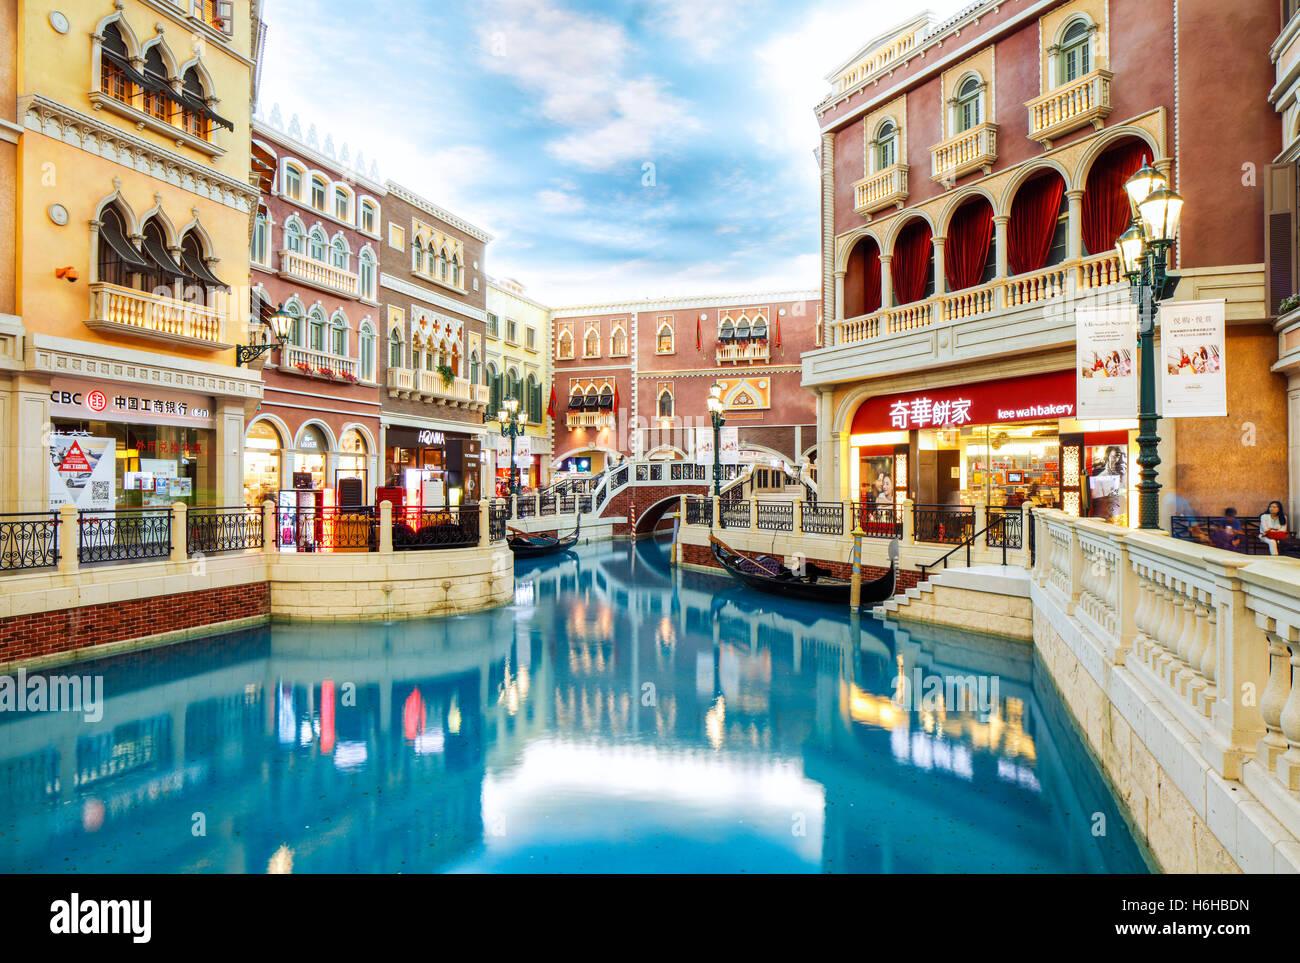 Il Grand Canal Shoppes all'interno del Hotel Veneziano, Cotai, Macao. Immagini Stock